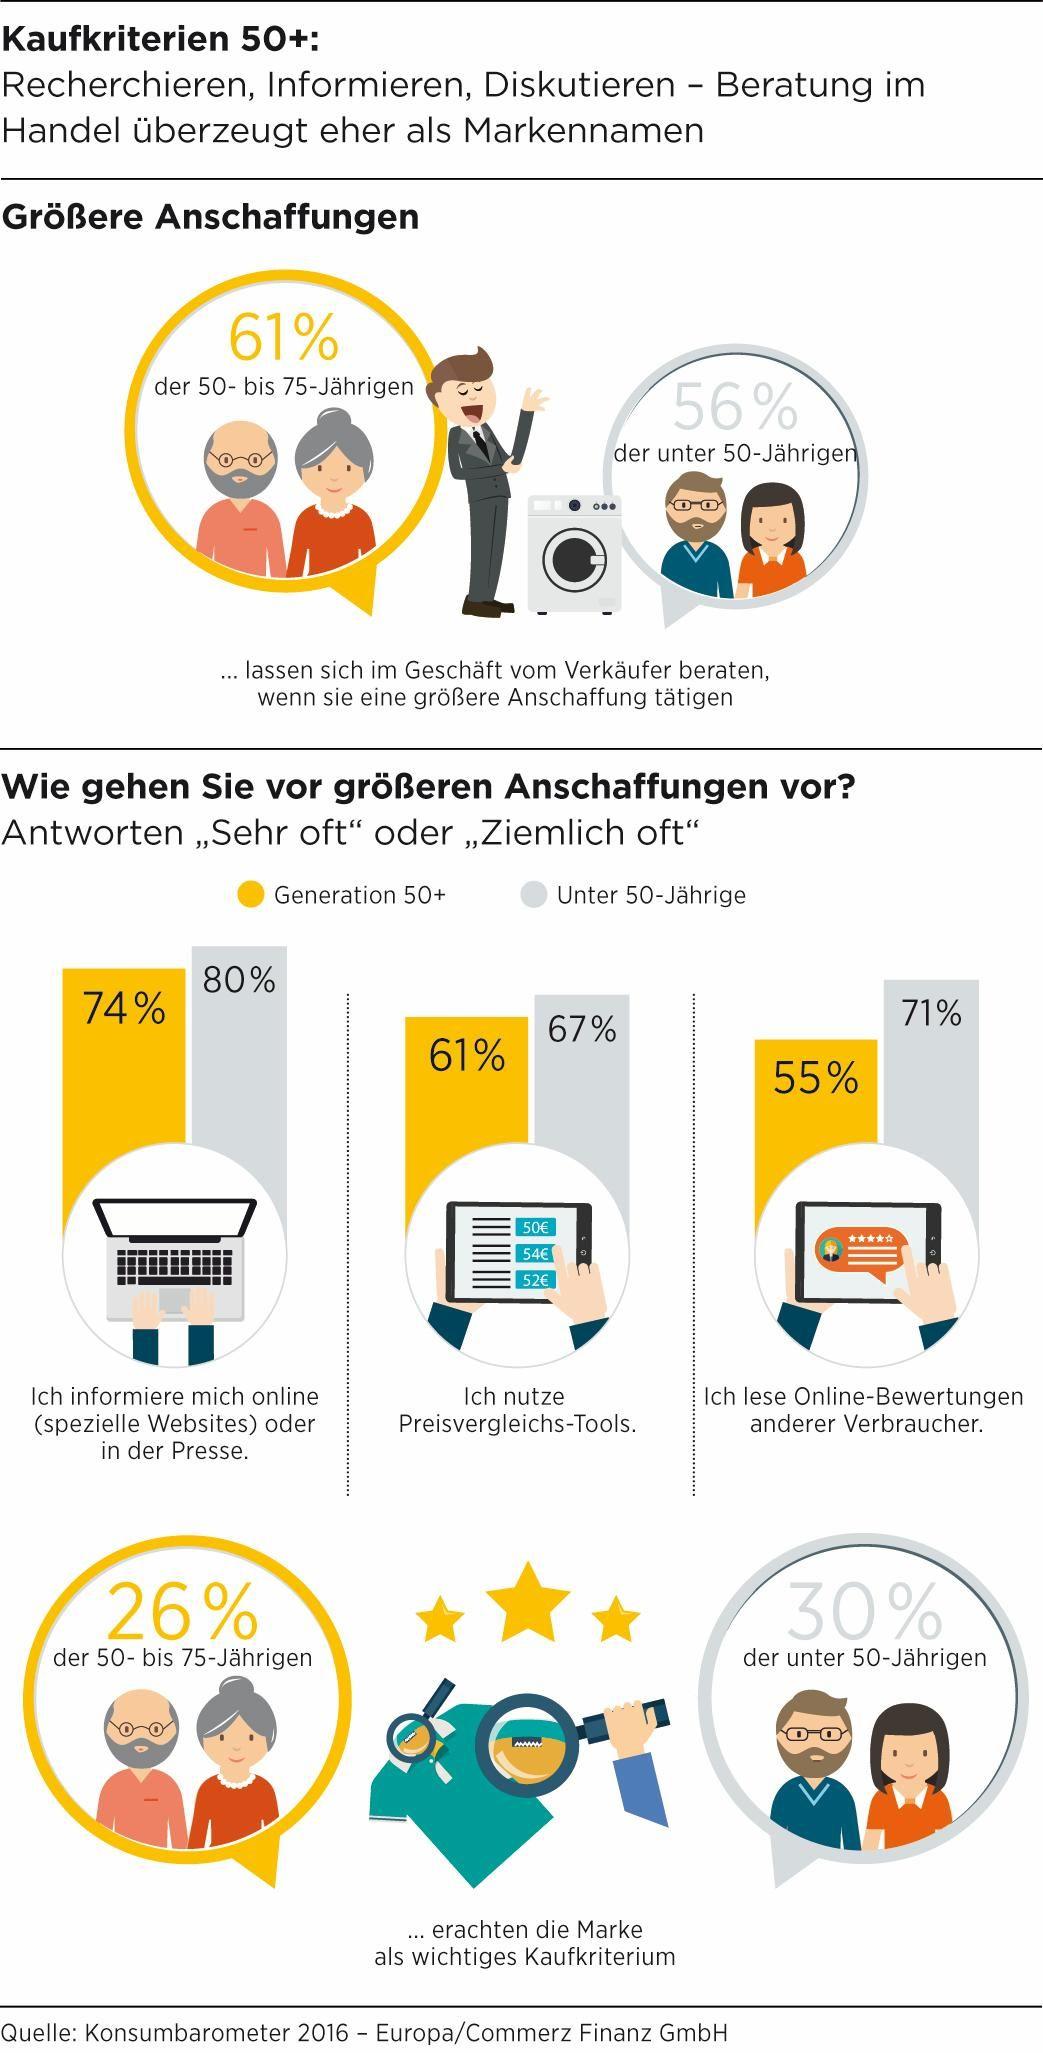 Konsumbarometer 2016 - Generation 50+ kauft ein: Gut informiert, aber nicht impulsiv